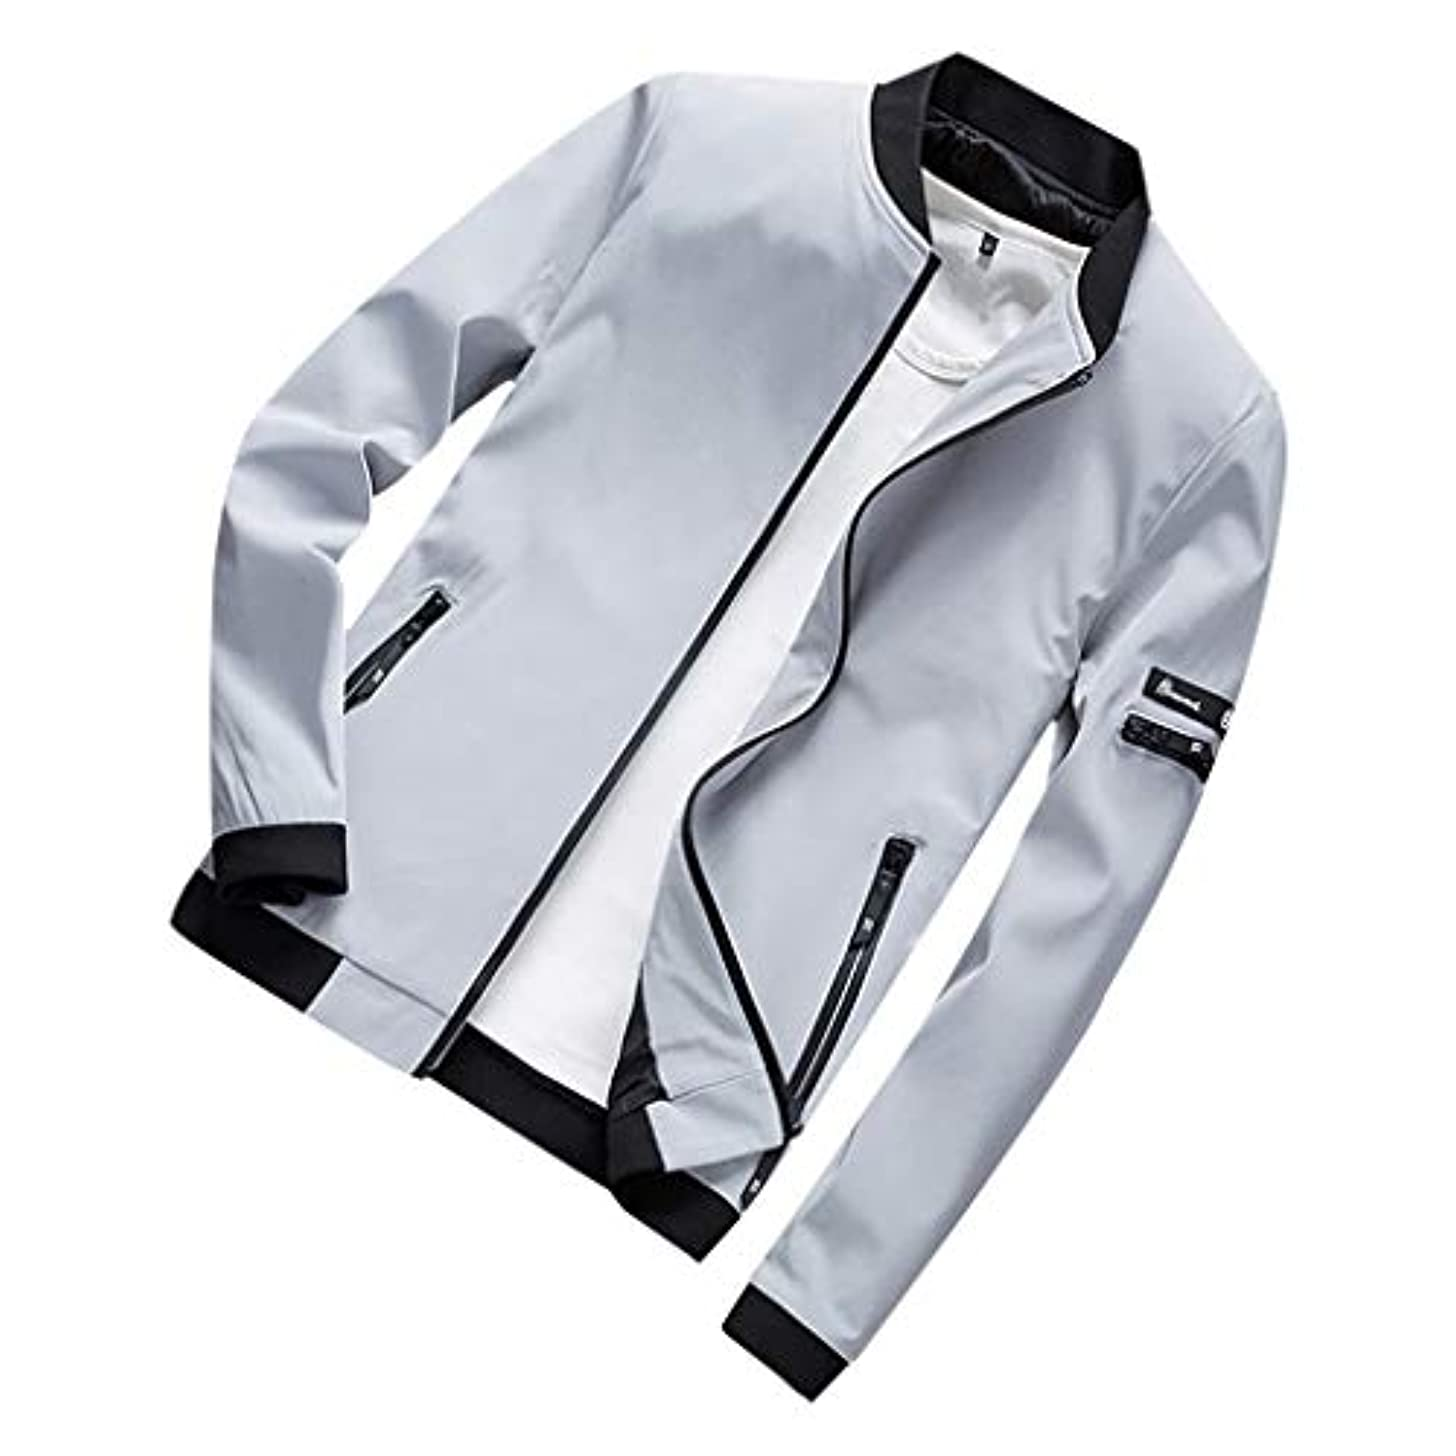 情緒的ピラミッド内向きジャケット メンズ コート ブルゾン 秋 冬 防水 無地 カジュアル 綿 大きいサイズ アウター 黒 ストレッチ ビジネスシャツ 細身 ジャケット